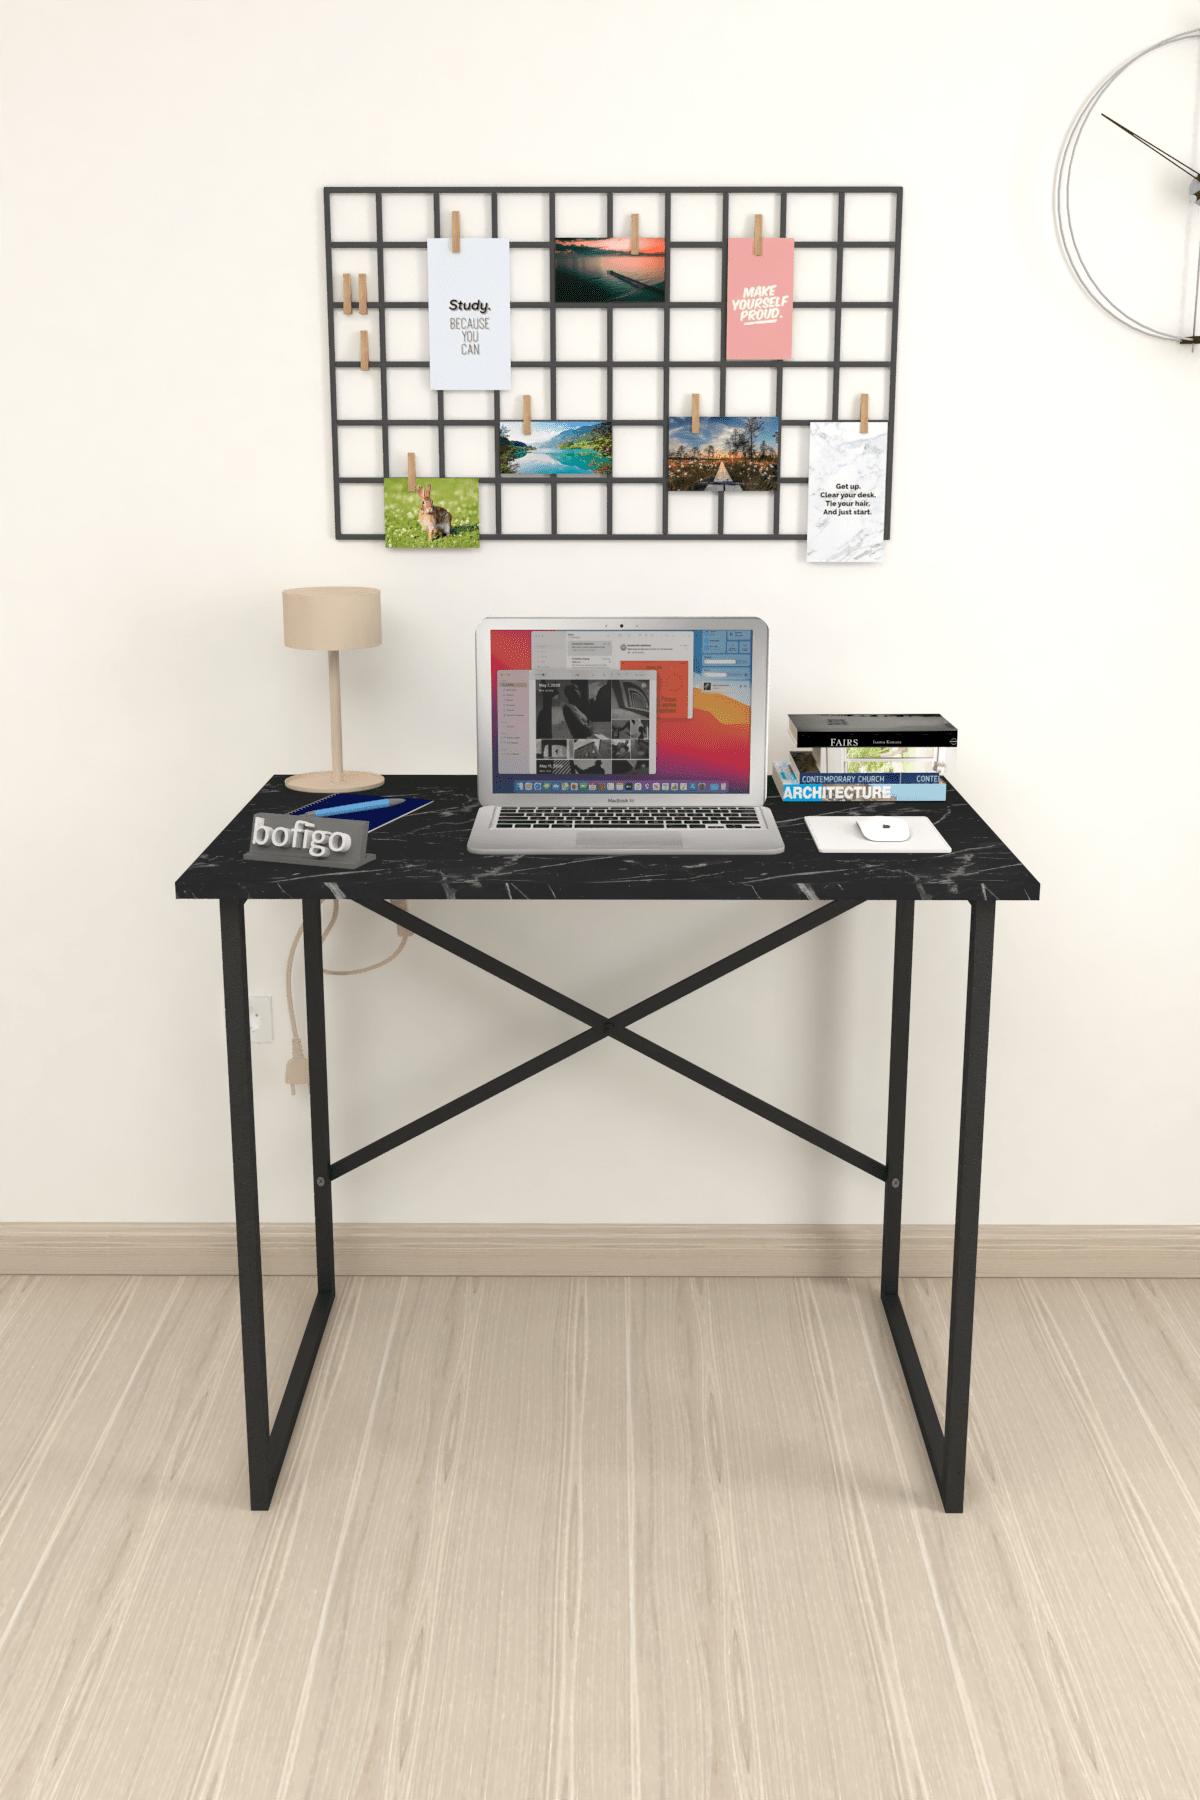 Bofigo 60x90 cm Çalışma Masası Laptop Bilgisayar Masası Ofis Ders Yemek Cocuk Masası Bendir 2